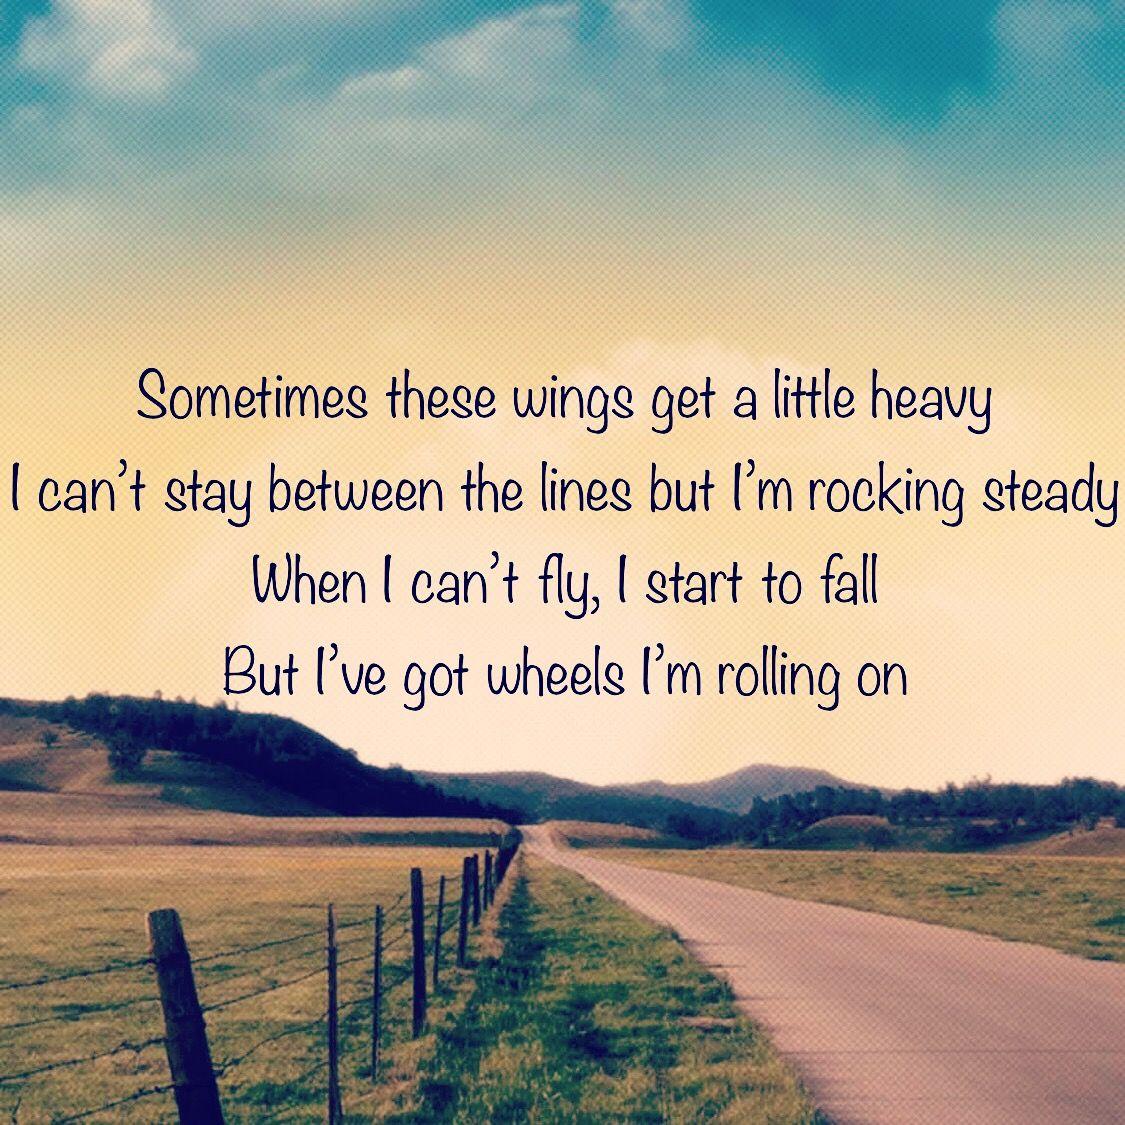 Tattoo Quotes Lyrics: Miranda Lambert - I've Got Wheels Lyrics